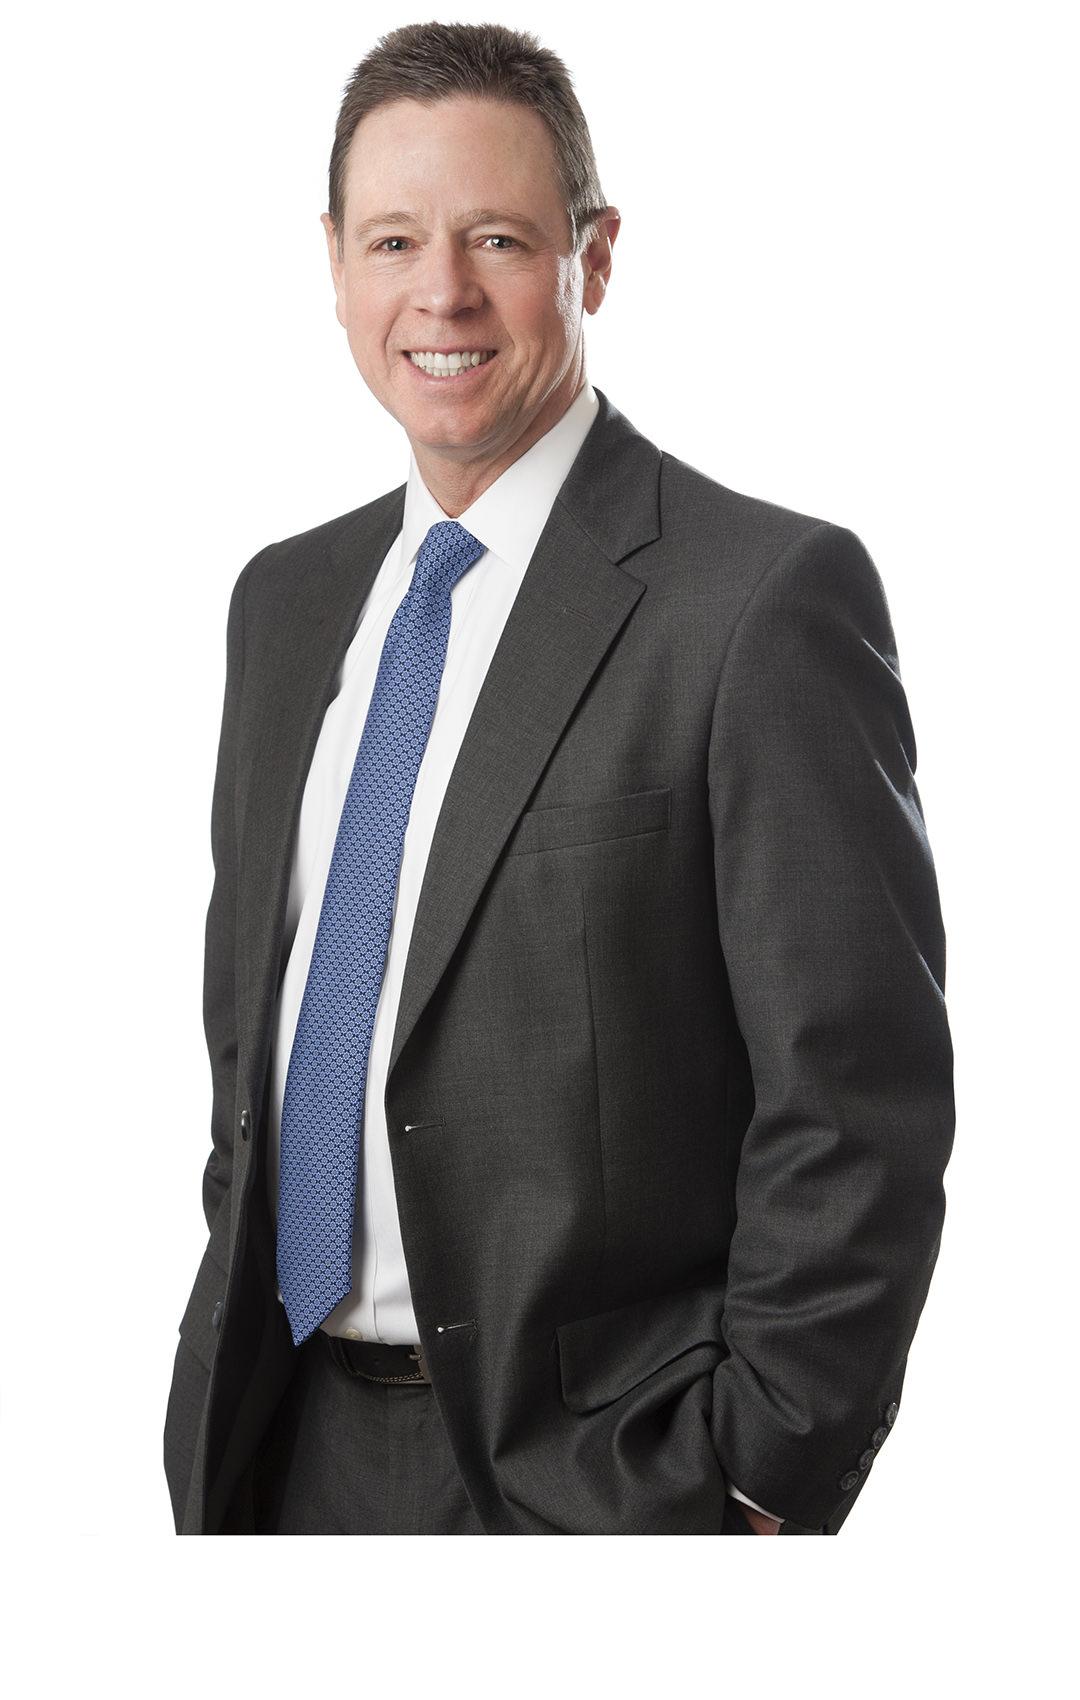 Andy Bertron